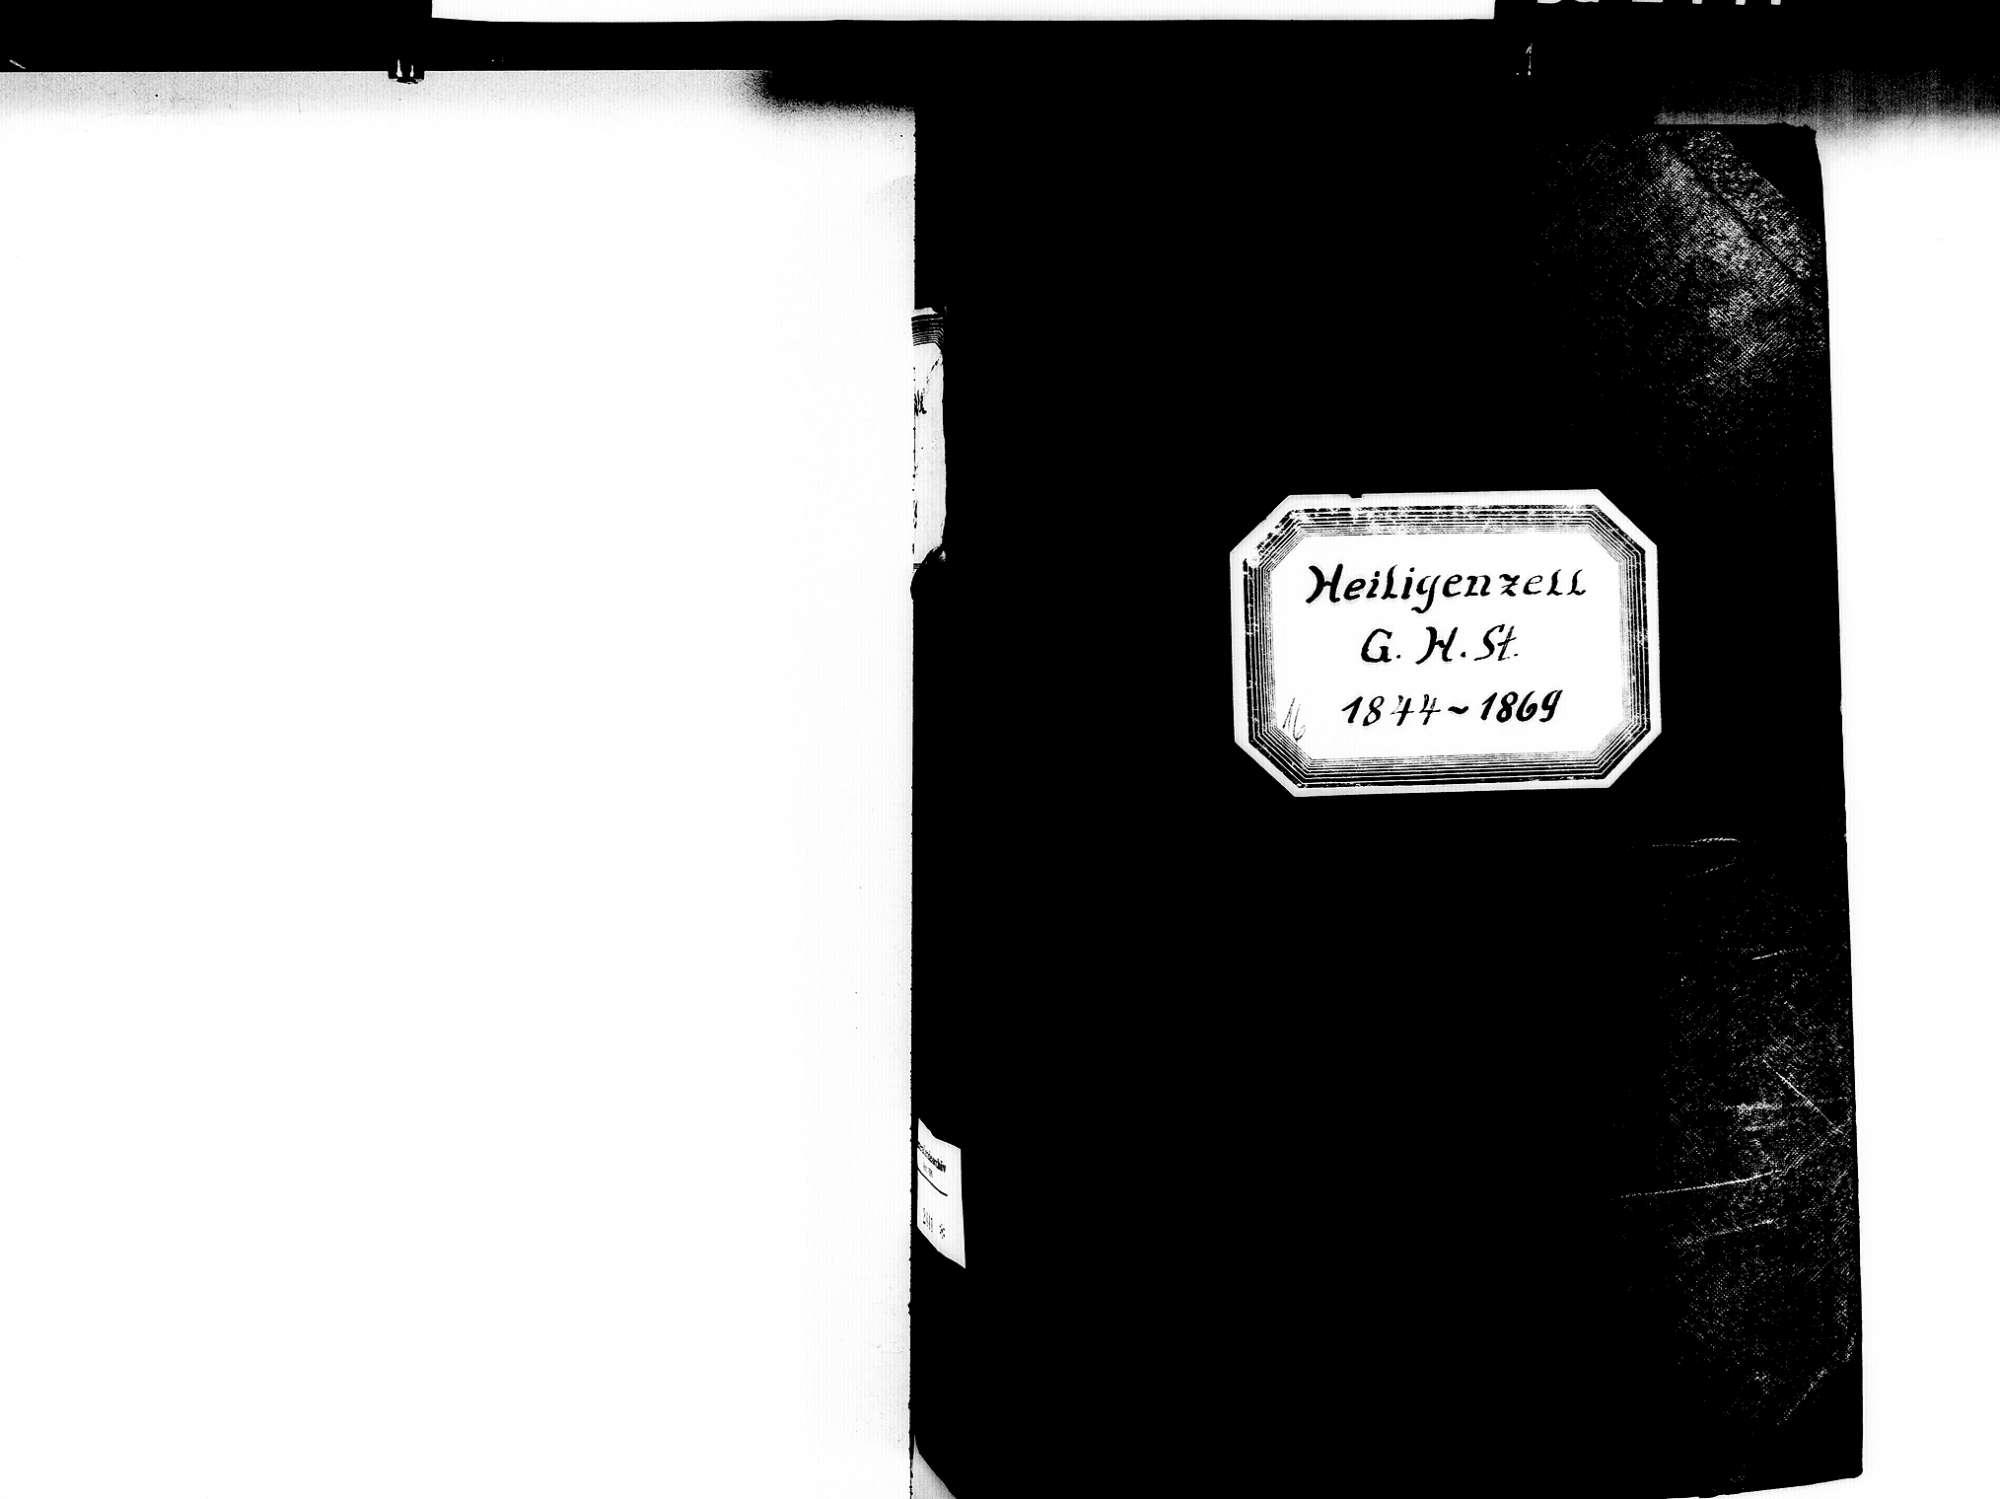 Heiligenzell, Friesenheim OG; Evangelische Gemeinde: Standesbuch 1844-1869 Heiligenzell, Friesenheim OG; Katholische Gemeinde: Standesbuch 1844-1869, Bild 3